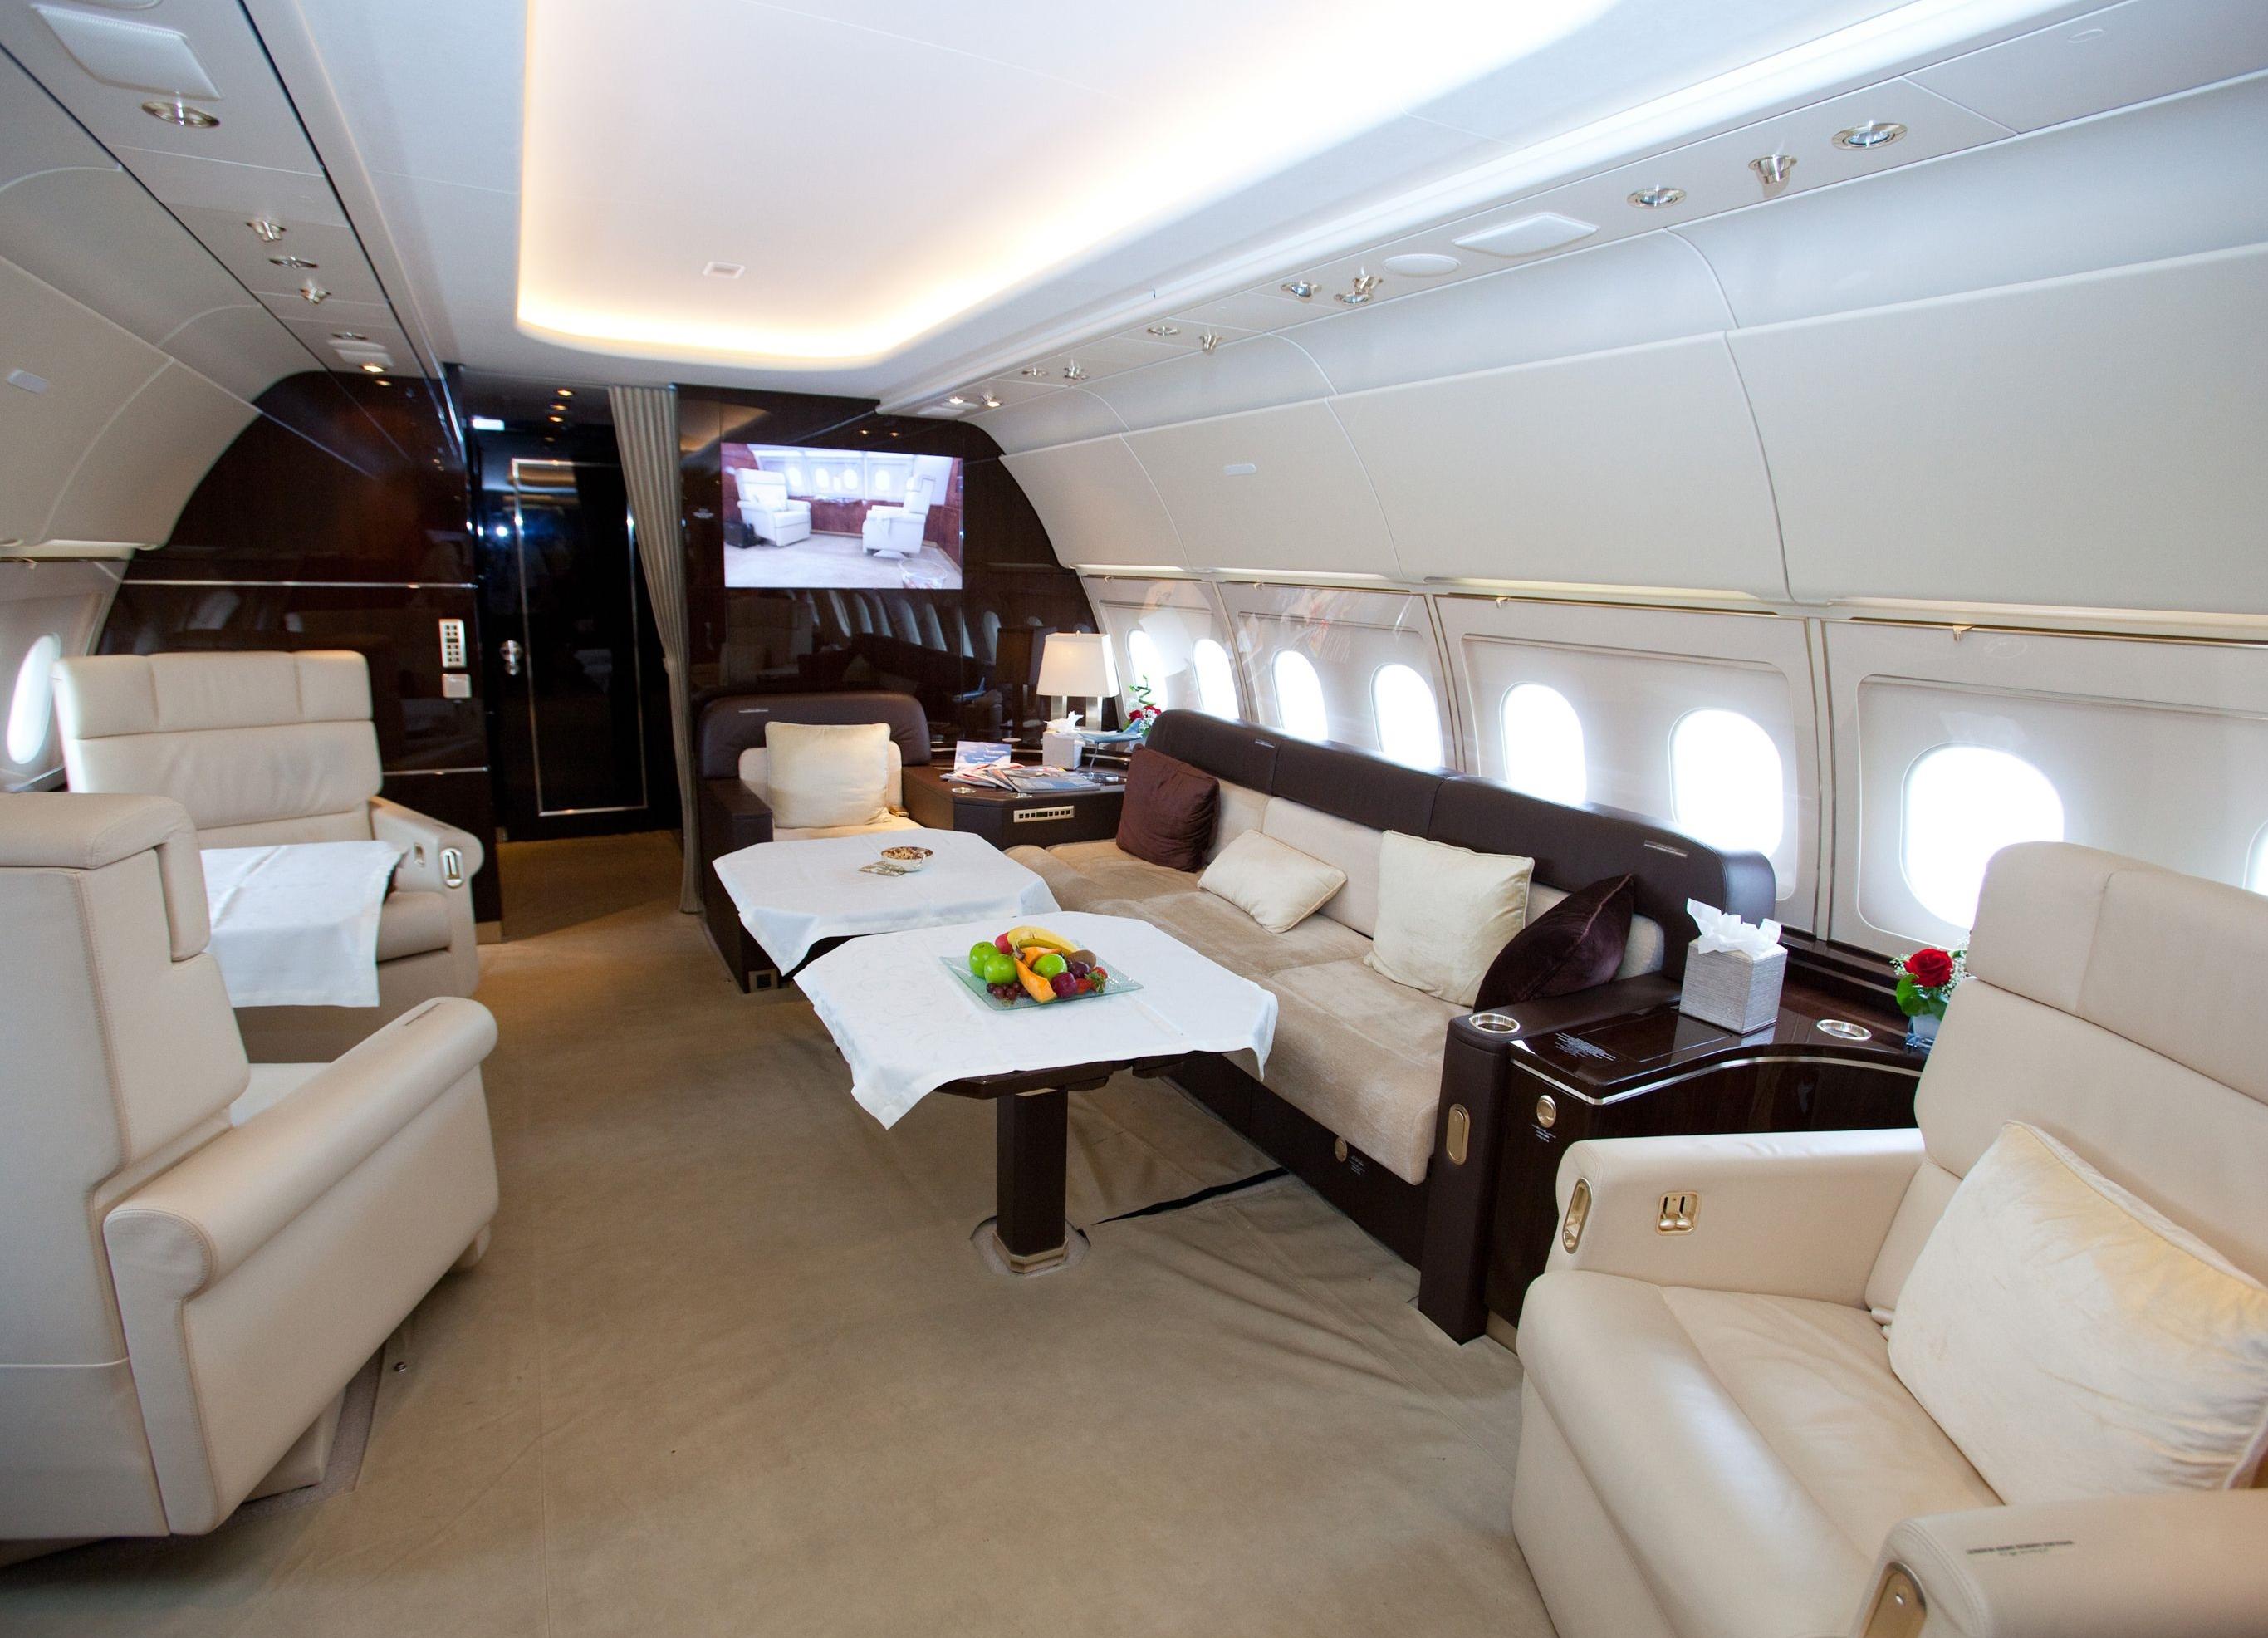 Kunderne til Airbus' business jets kan få kabineindretningen næsten som de ønsker – her er et forslag fra Airbus til en A320. Foto: Airbus.